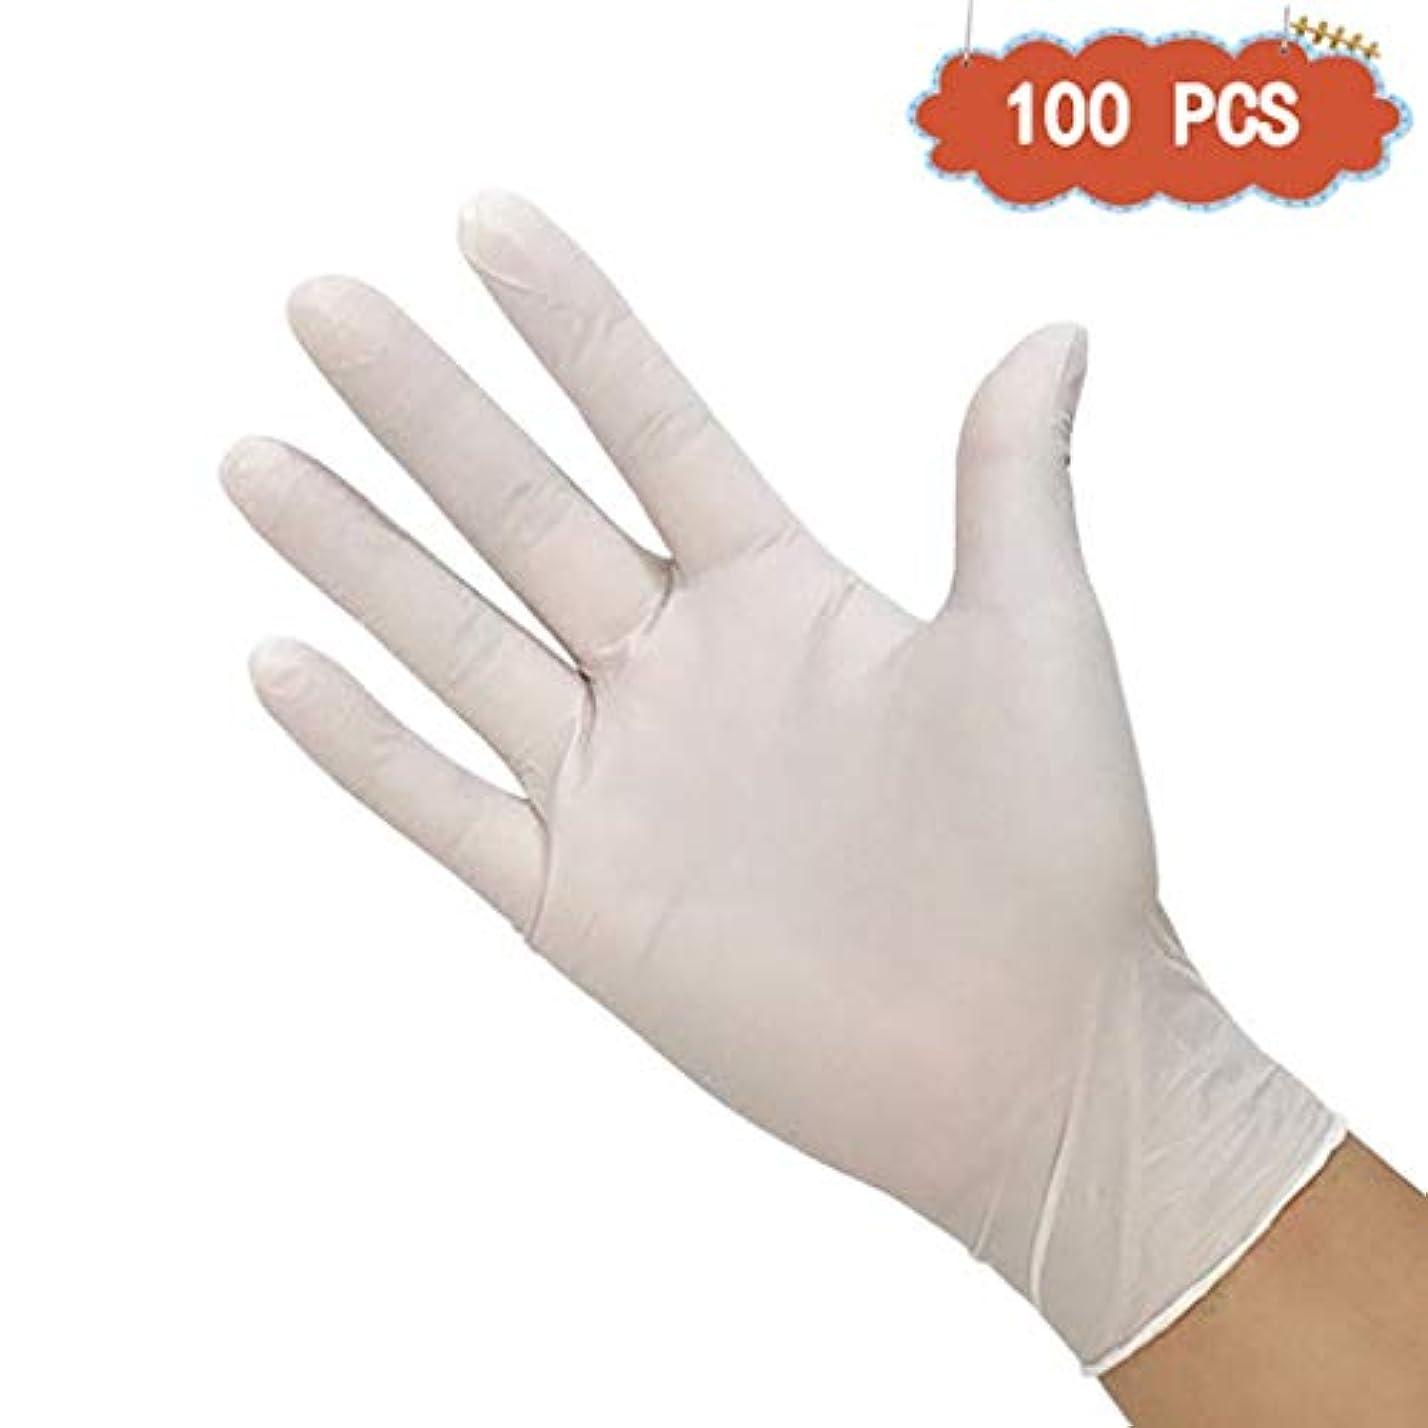 色合い雲武器ニトリルホームクリーニングと酸とアルカリ使い捨て手袋ペットケアネイルアート検査保護実験、ビューティーサロンラテックスフリー、パウダーフリー、両手利き、100個 (Size : M)